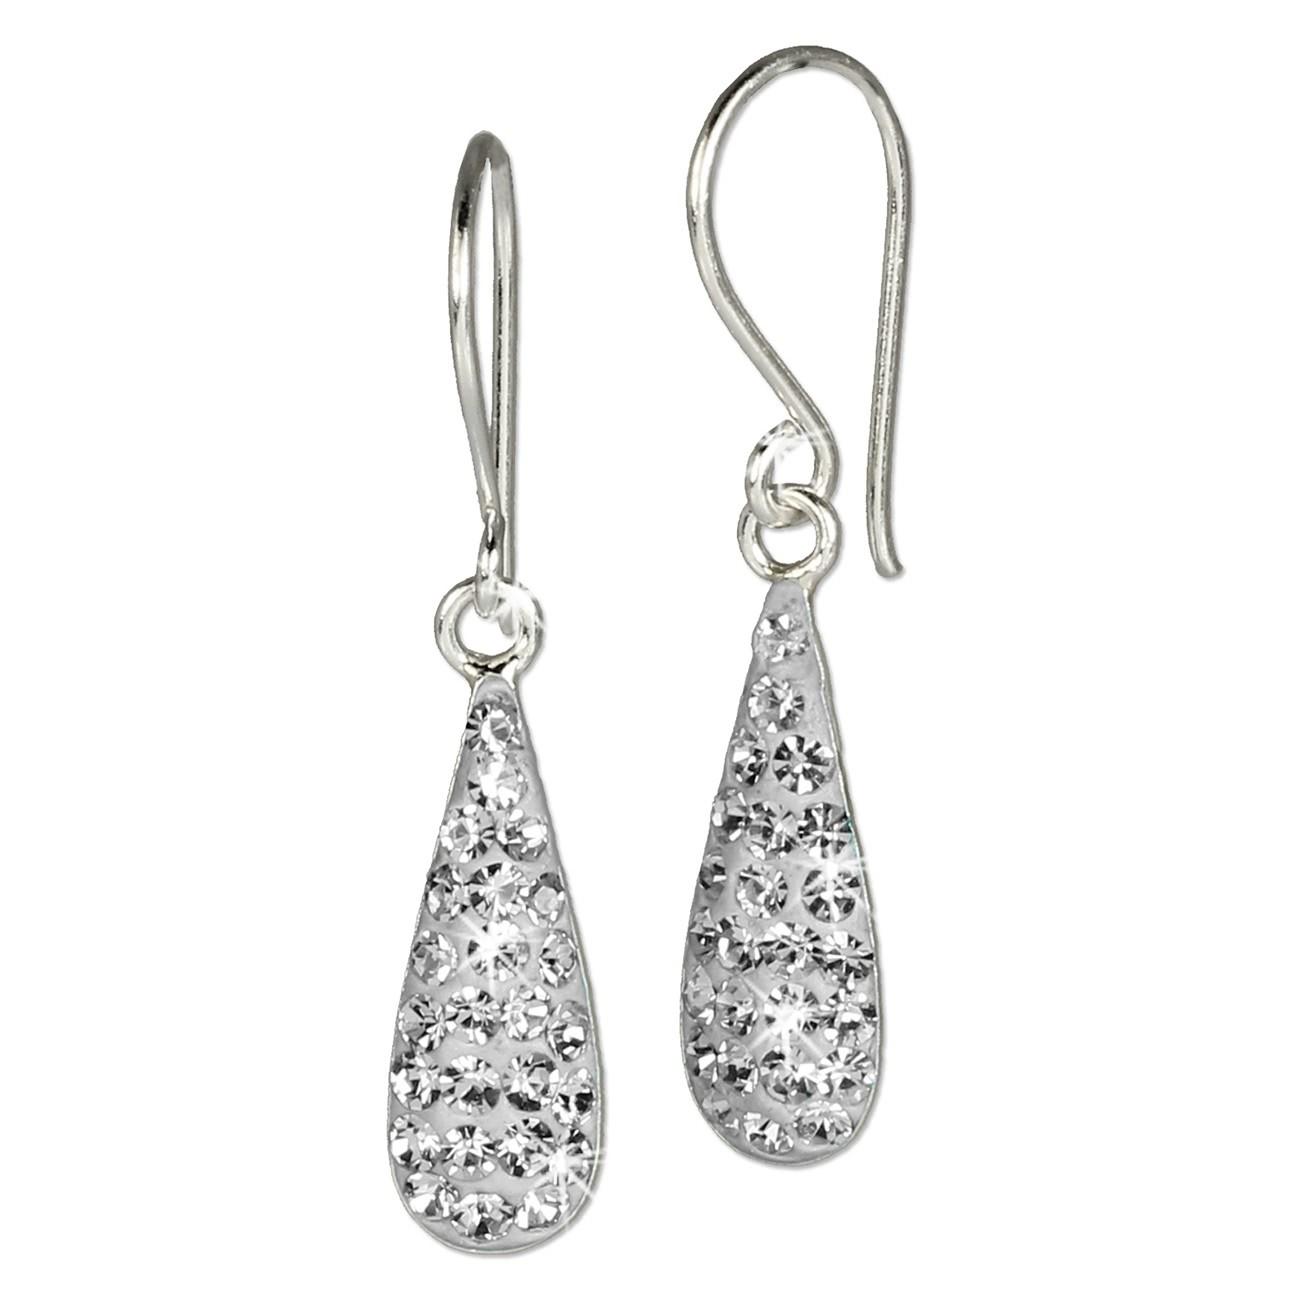 SilberDream Glitzer Ohrhänger Silber Zirkonia Kristall weiß GSO208W